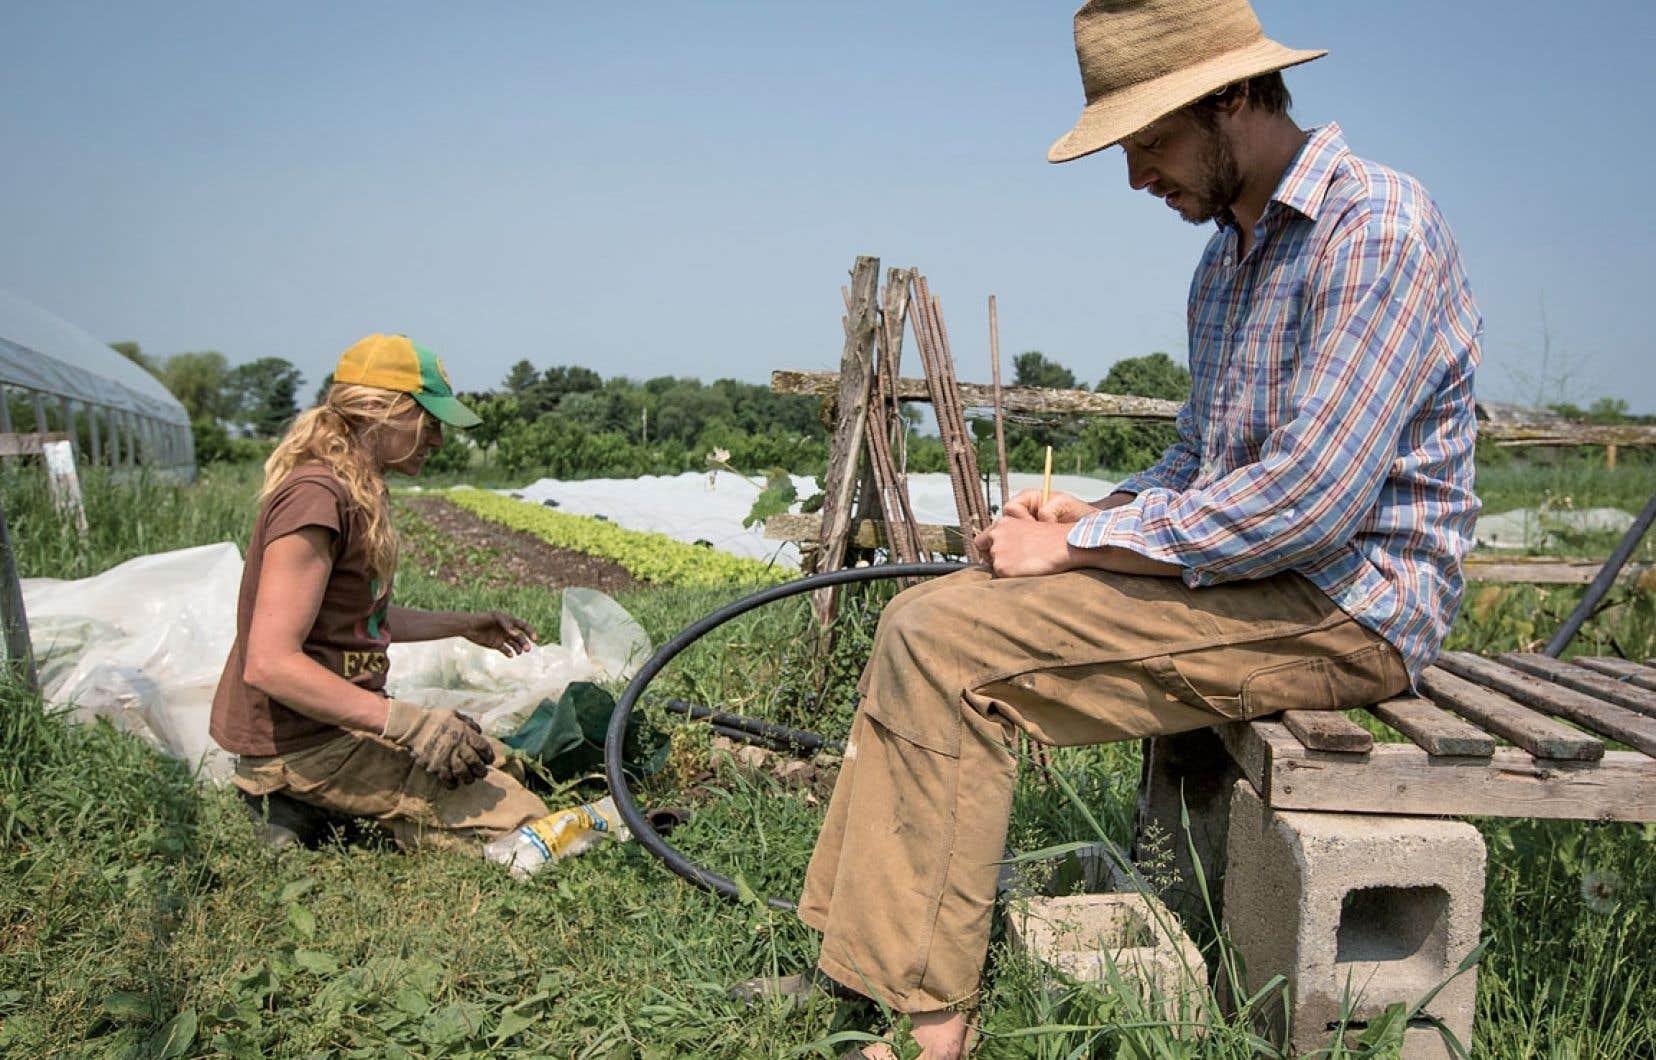 Planifiant les récoltes des Jardins de la Grelinette, Maude-Hélène Desroches et Jean-Martin Fortier s'échinent à faire connaître leur modèle de micro-ferme sur un hectare. Les pelleteux de compost ont appris à compter.